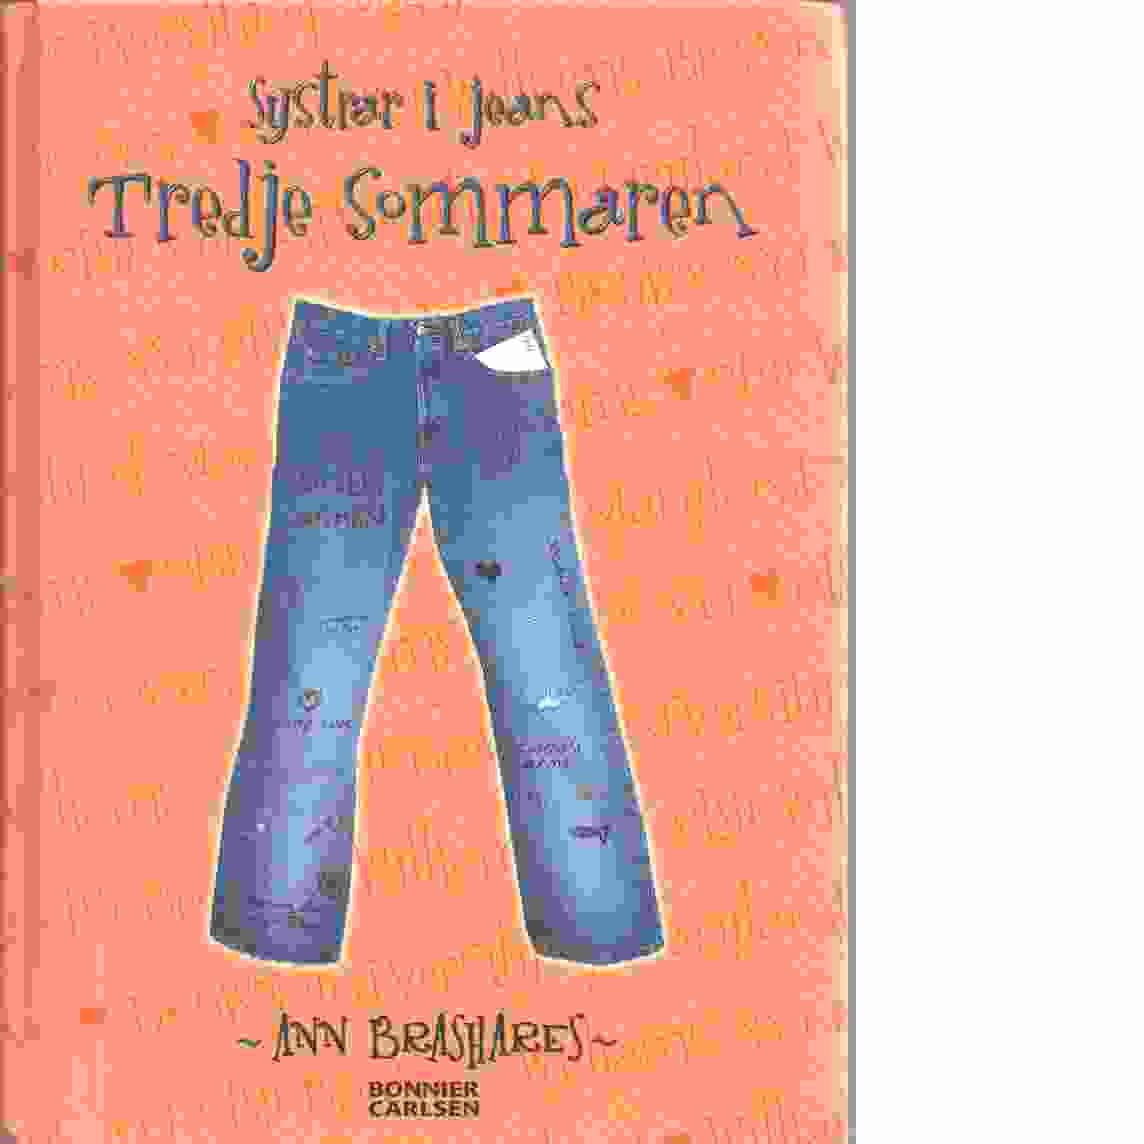 Systrar i jeans : tredje sommaren - Brashares, Ann